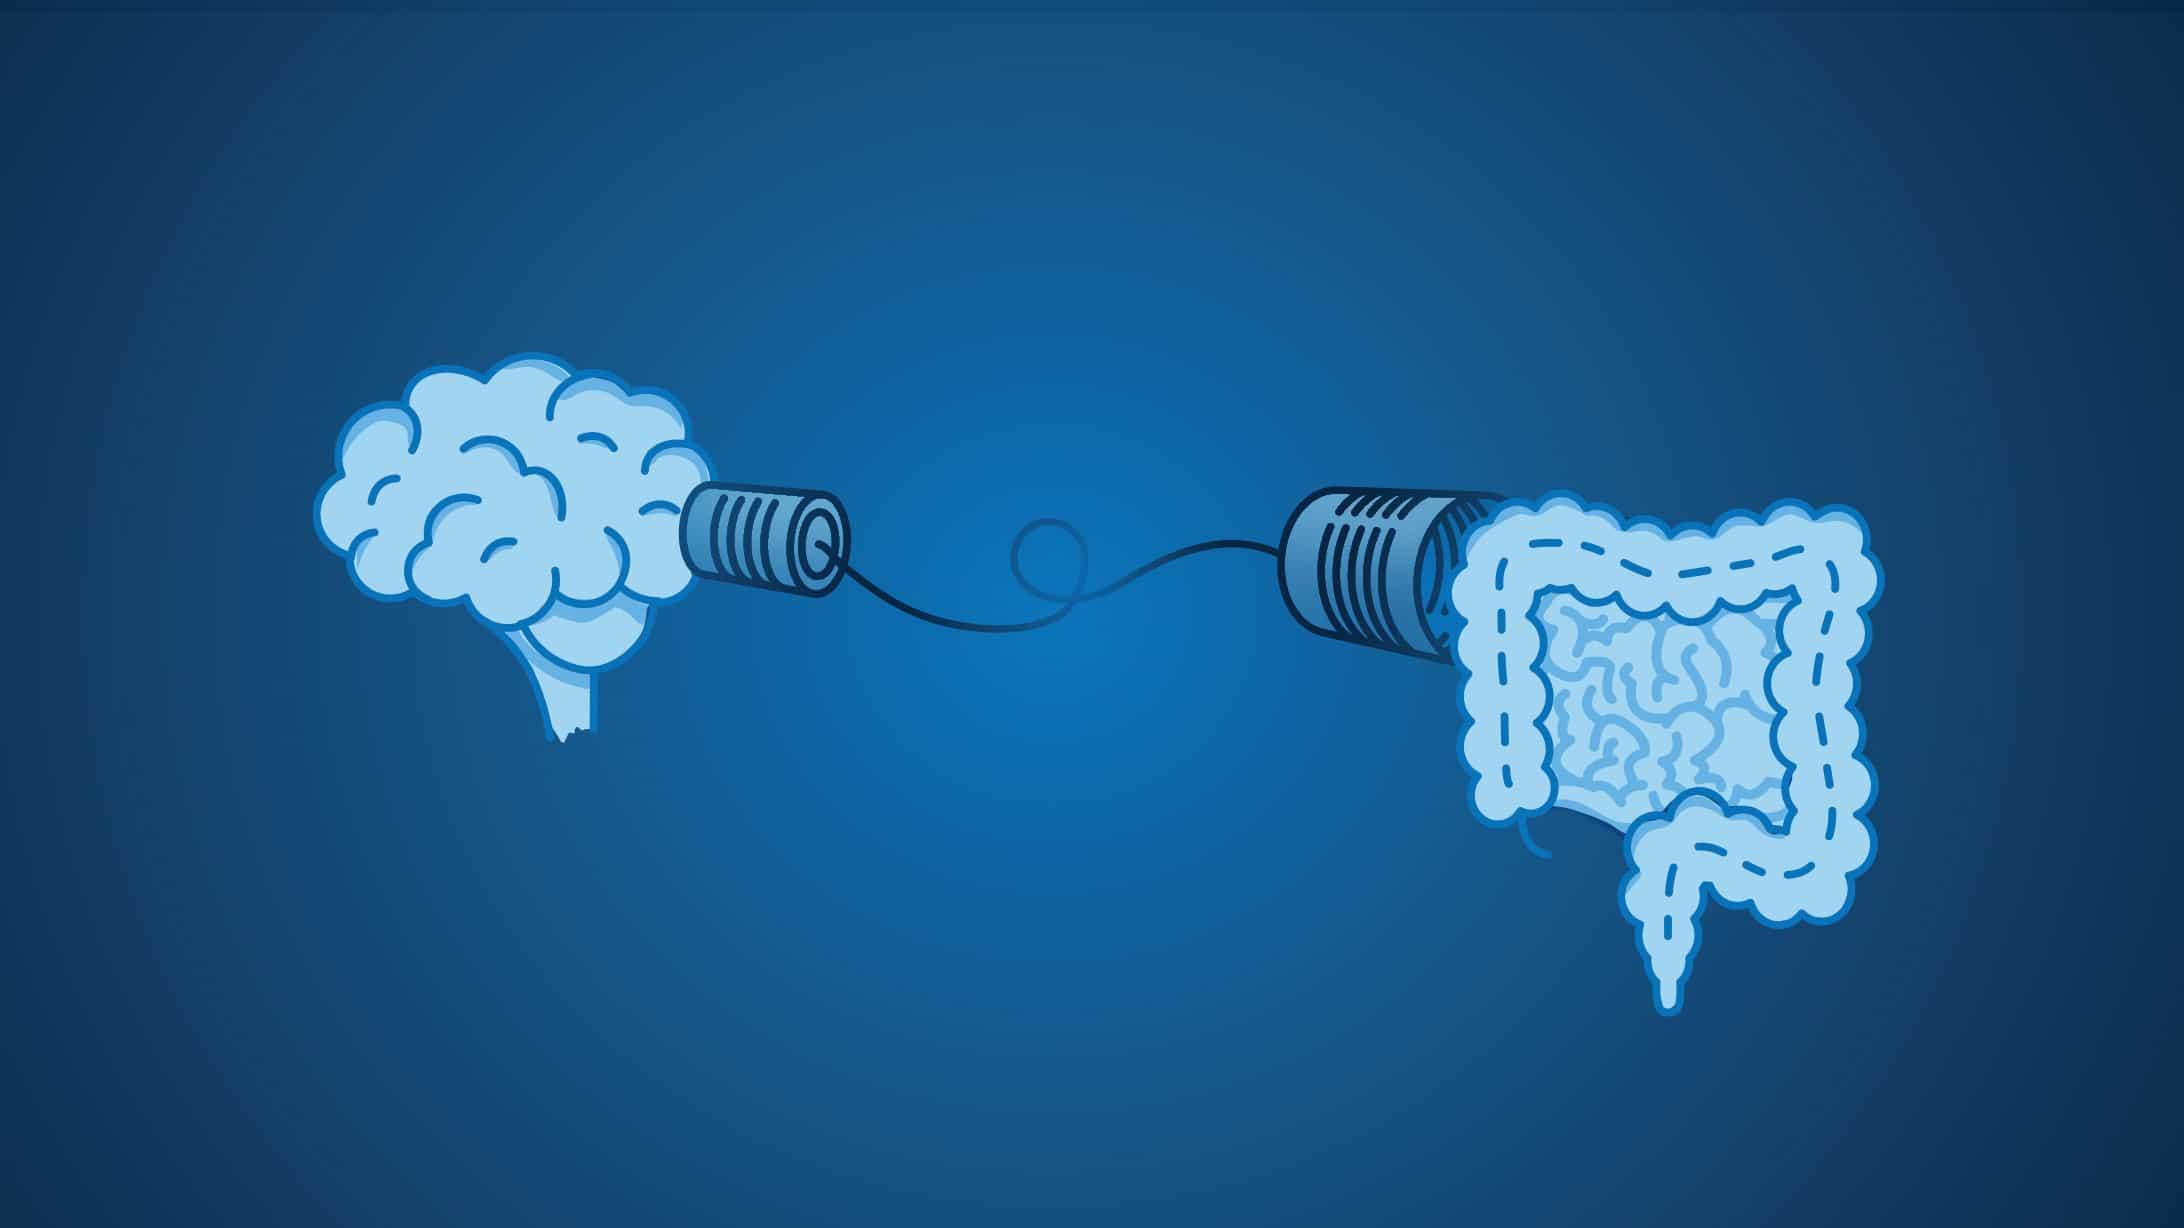 Illustration: Gehirn und Dam kommunizieren via Schnurtelefon